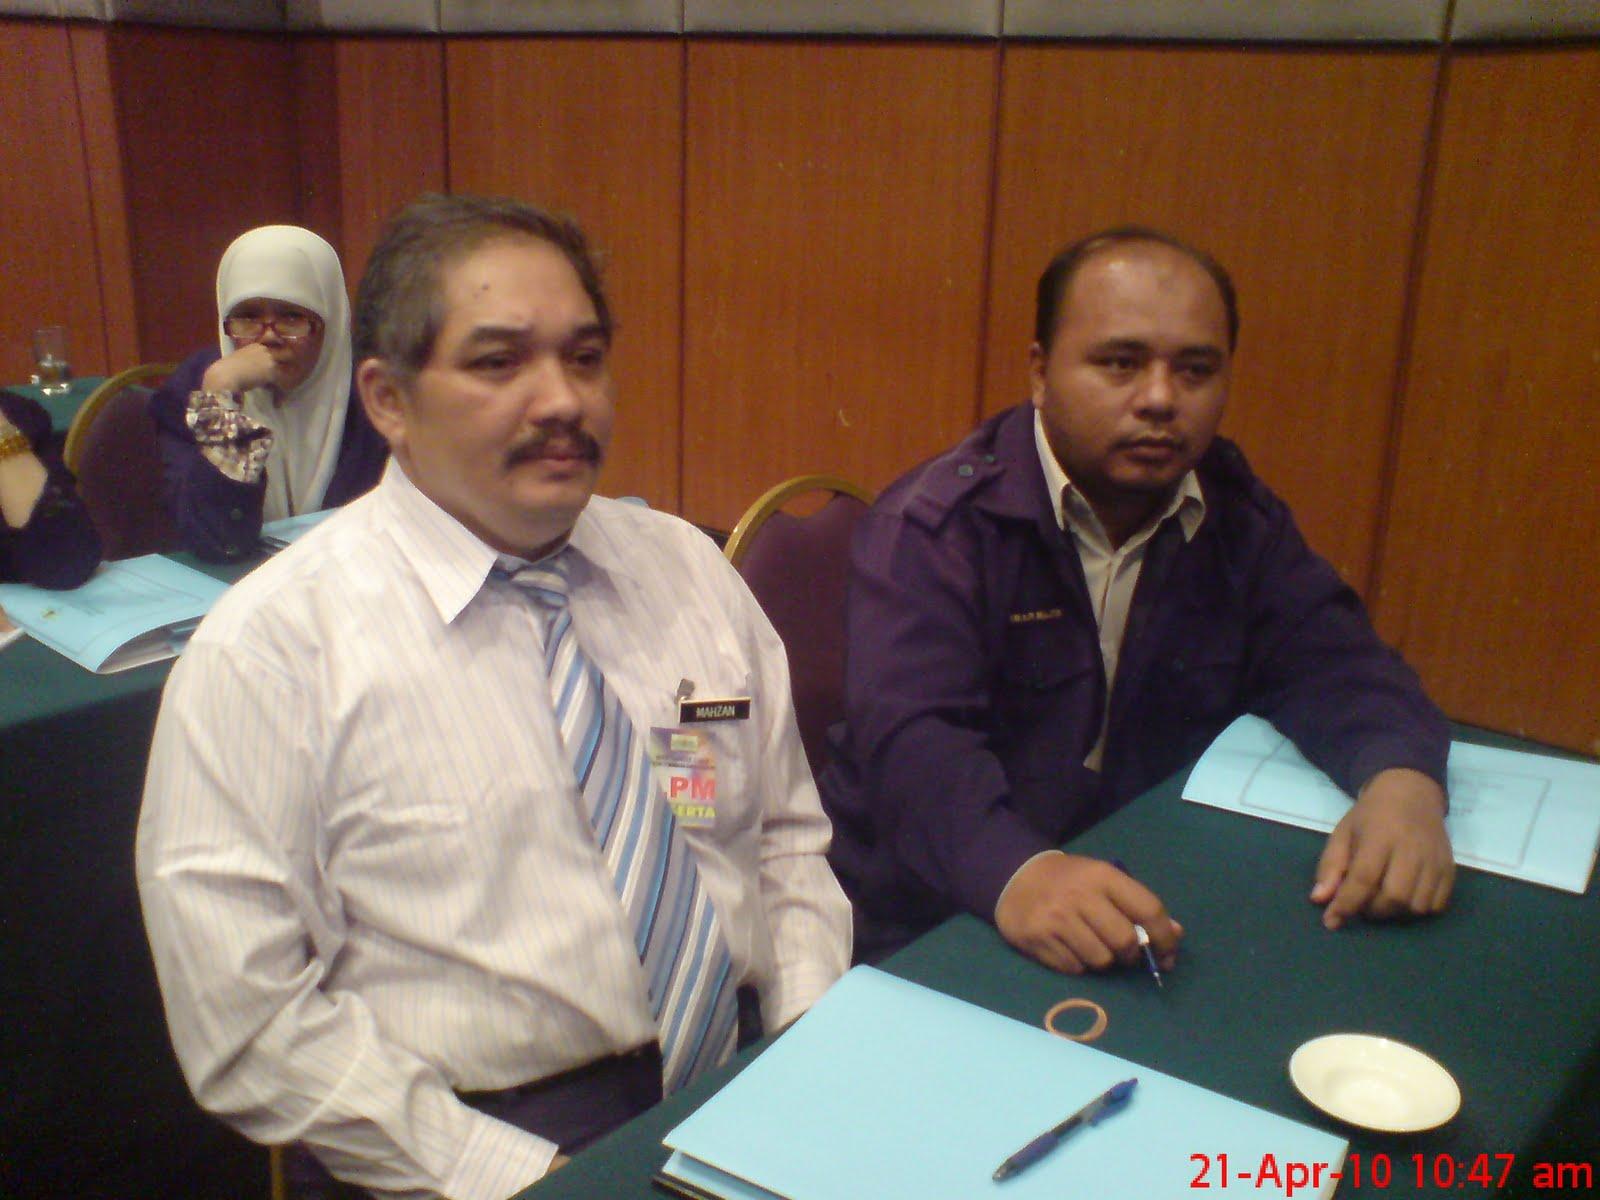 Prinsip Perakaunan Jpn Kelantan Kursus Penataran